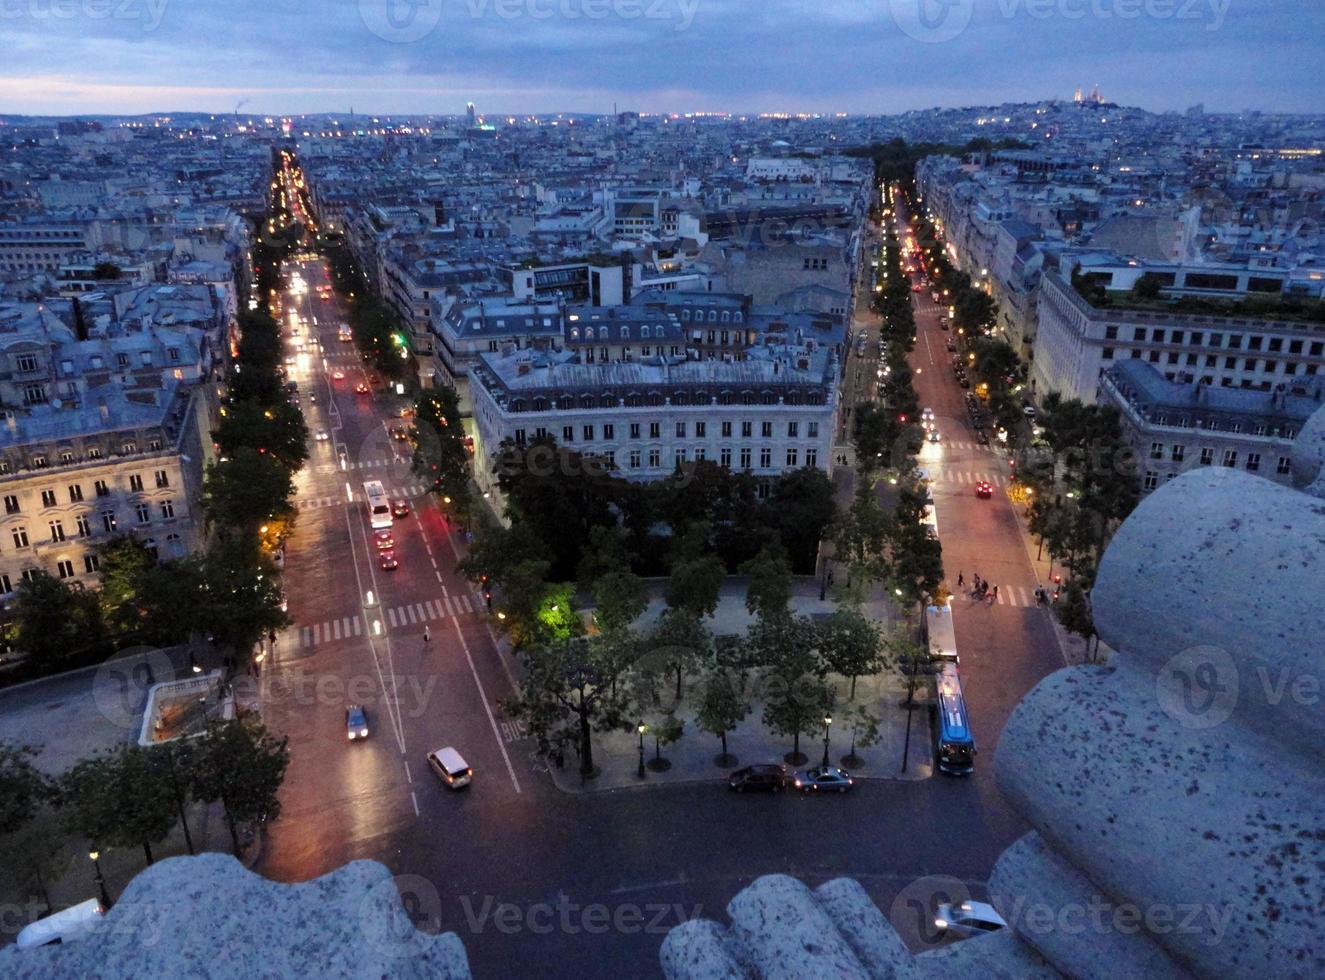 vista di Parigi dall'Arco di Trionfo al crepuscolo foto